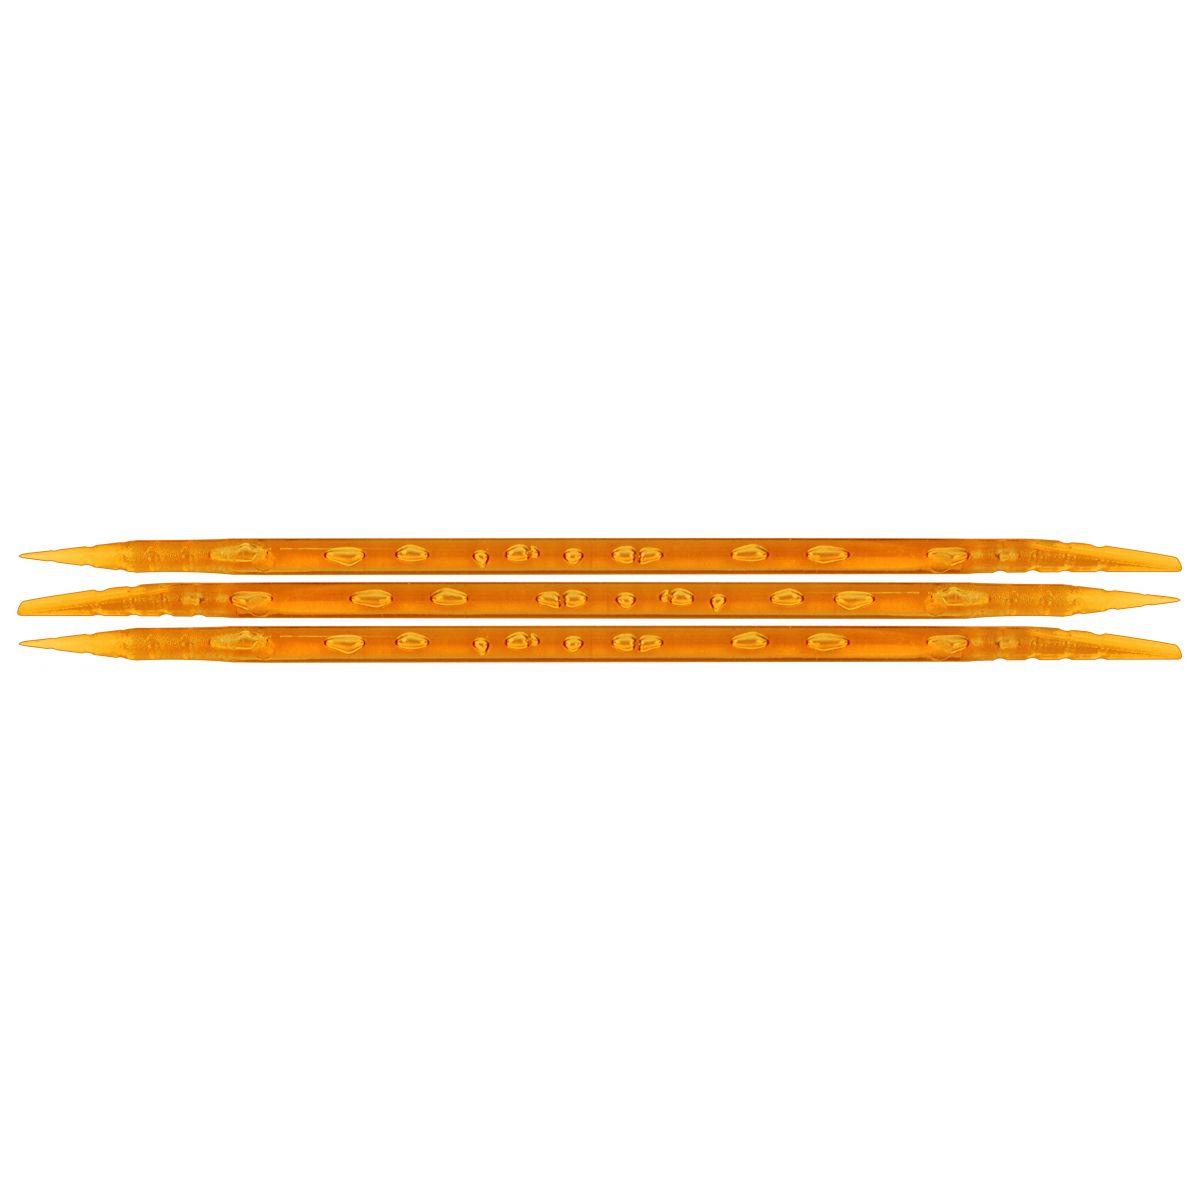 Palito Plástico Laranja Para Manicure Descartável 100 Unidades